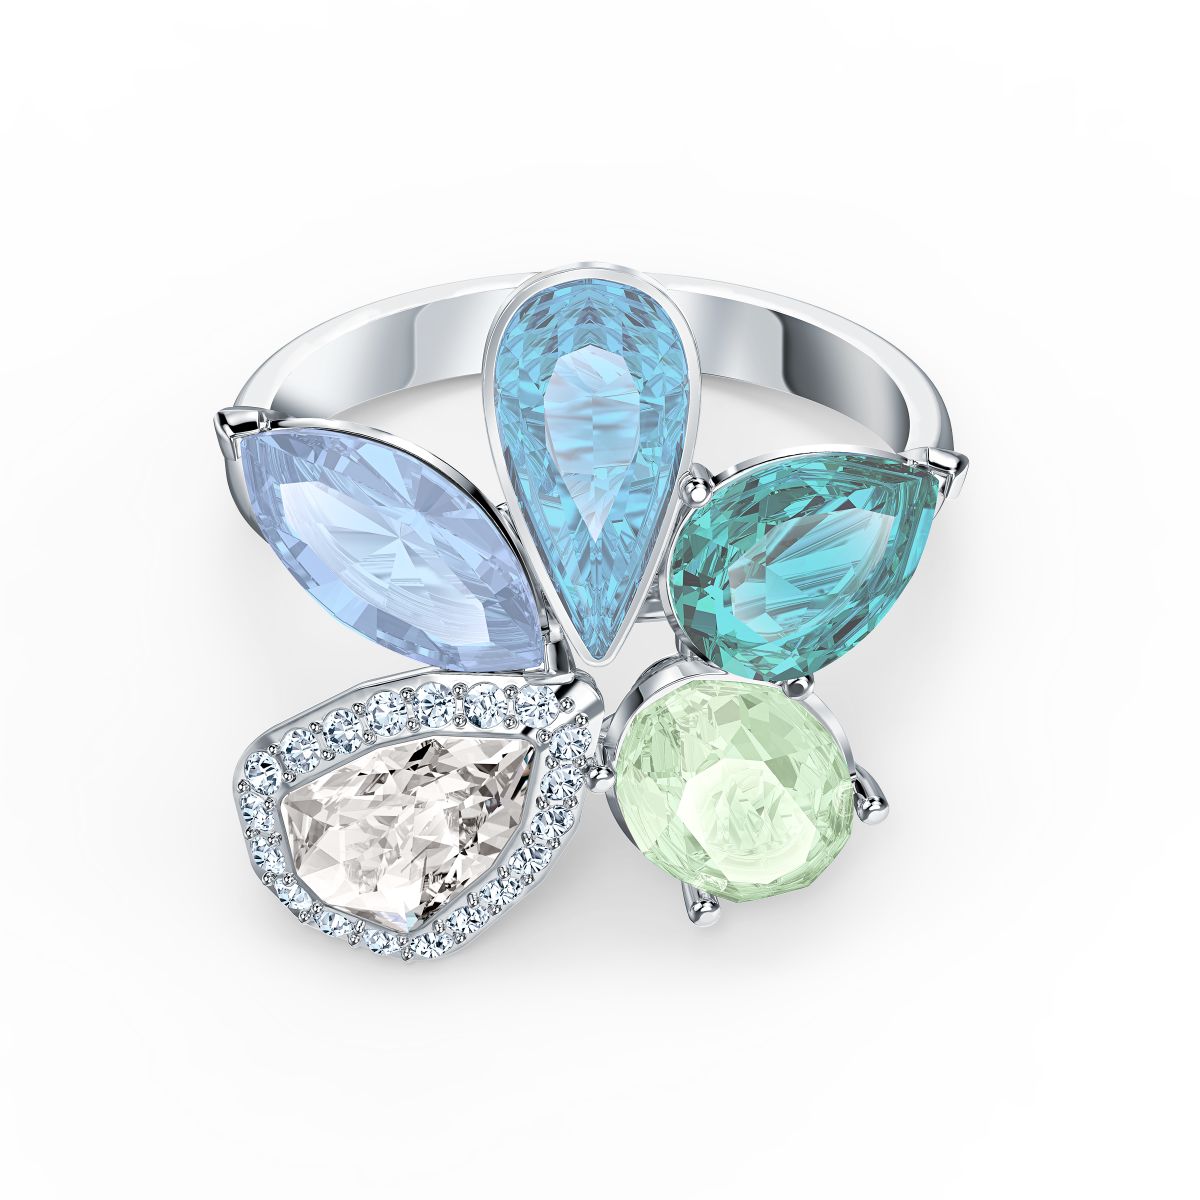 Bague Swarovski 5520491 - Bague métal argenté mix cristaux bleu vert et  blanc Femme